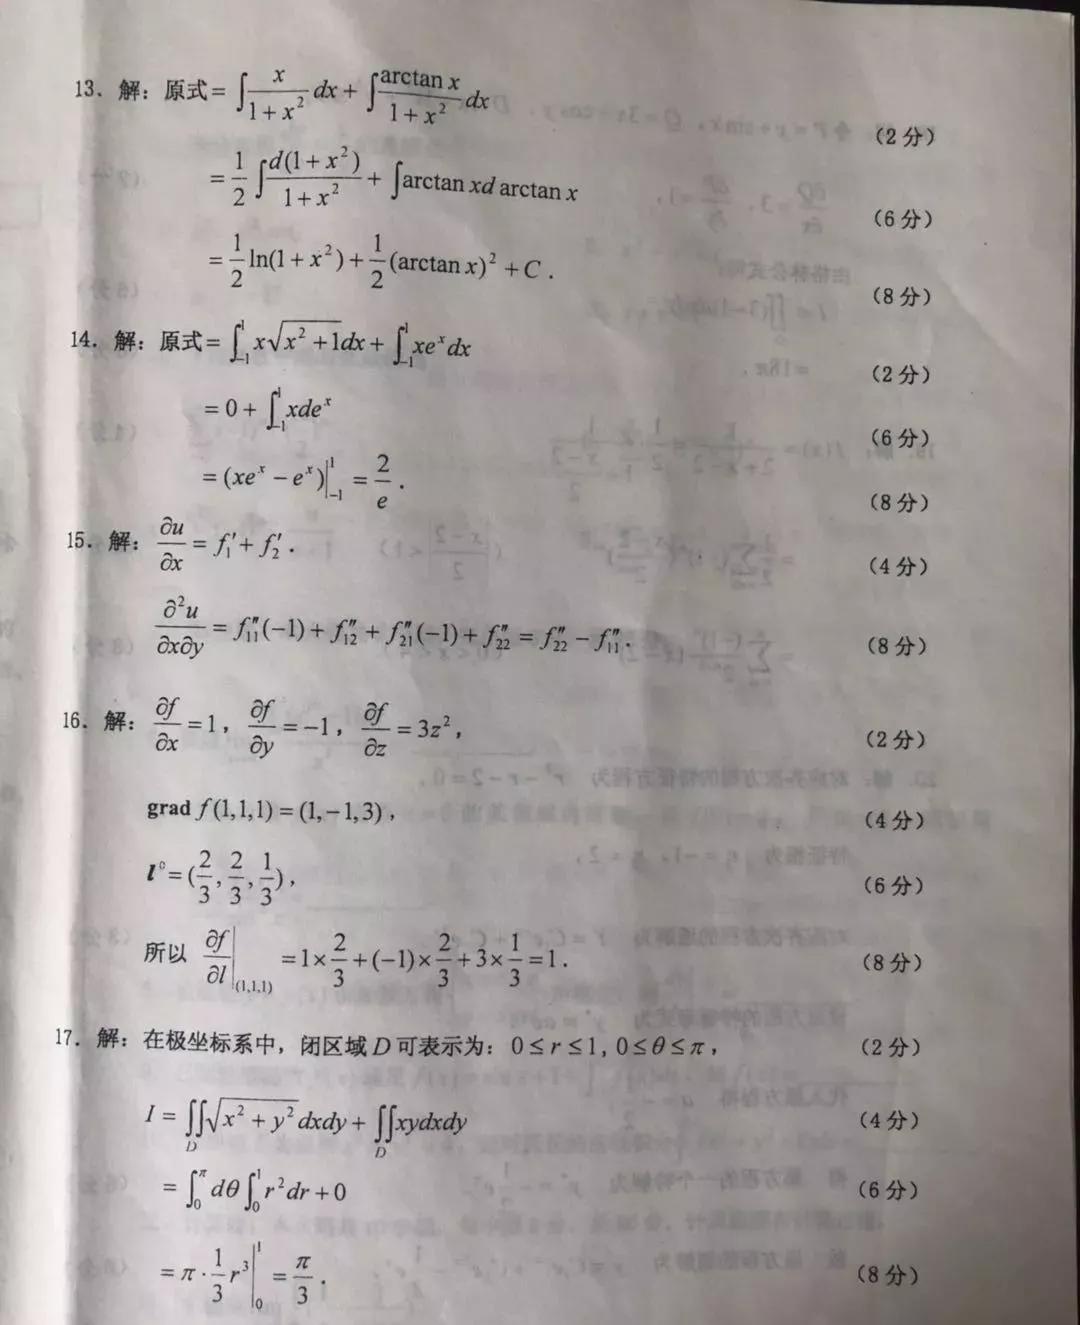 2018陕西专升本数学真题及答案